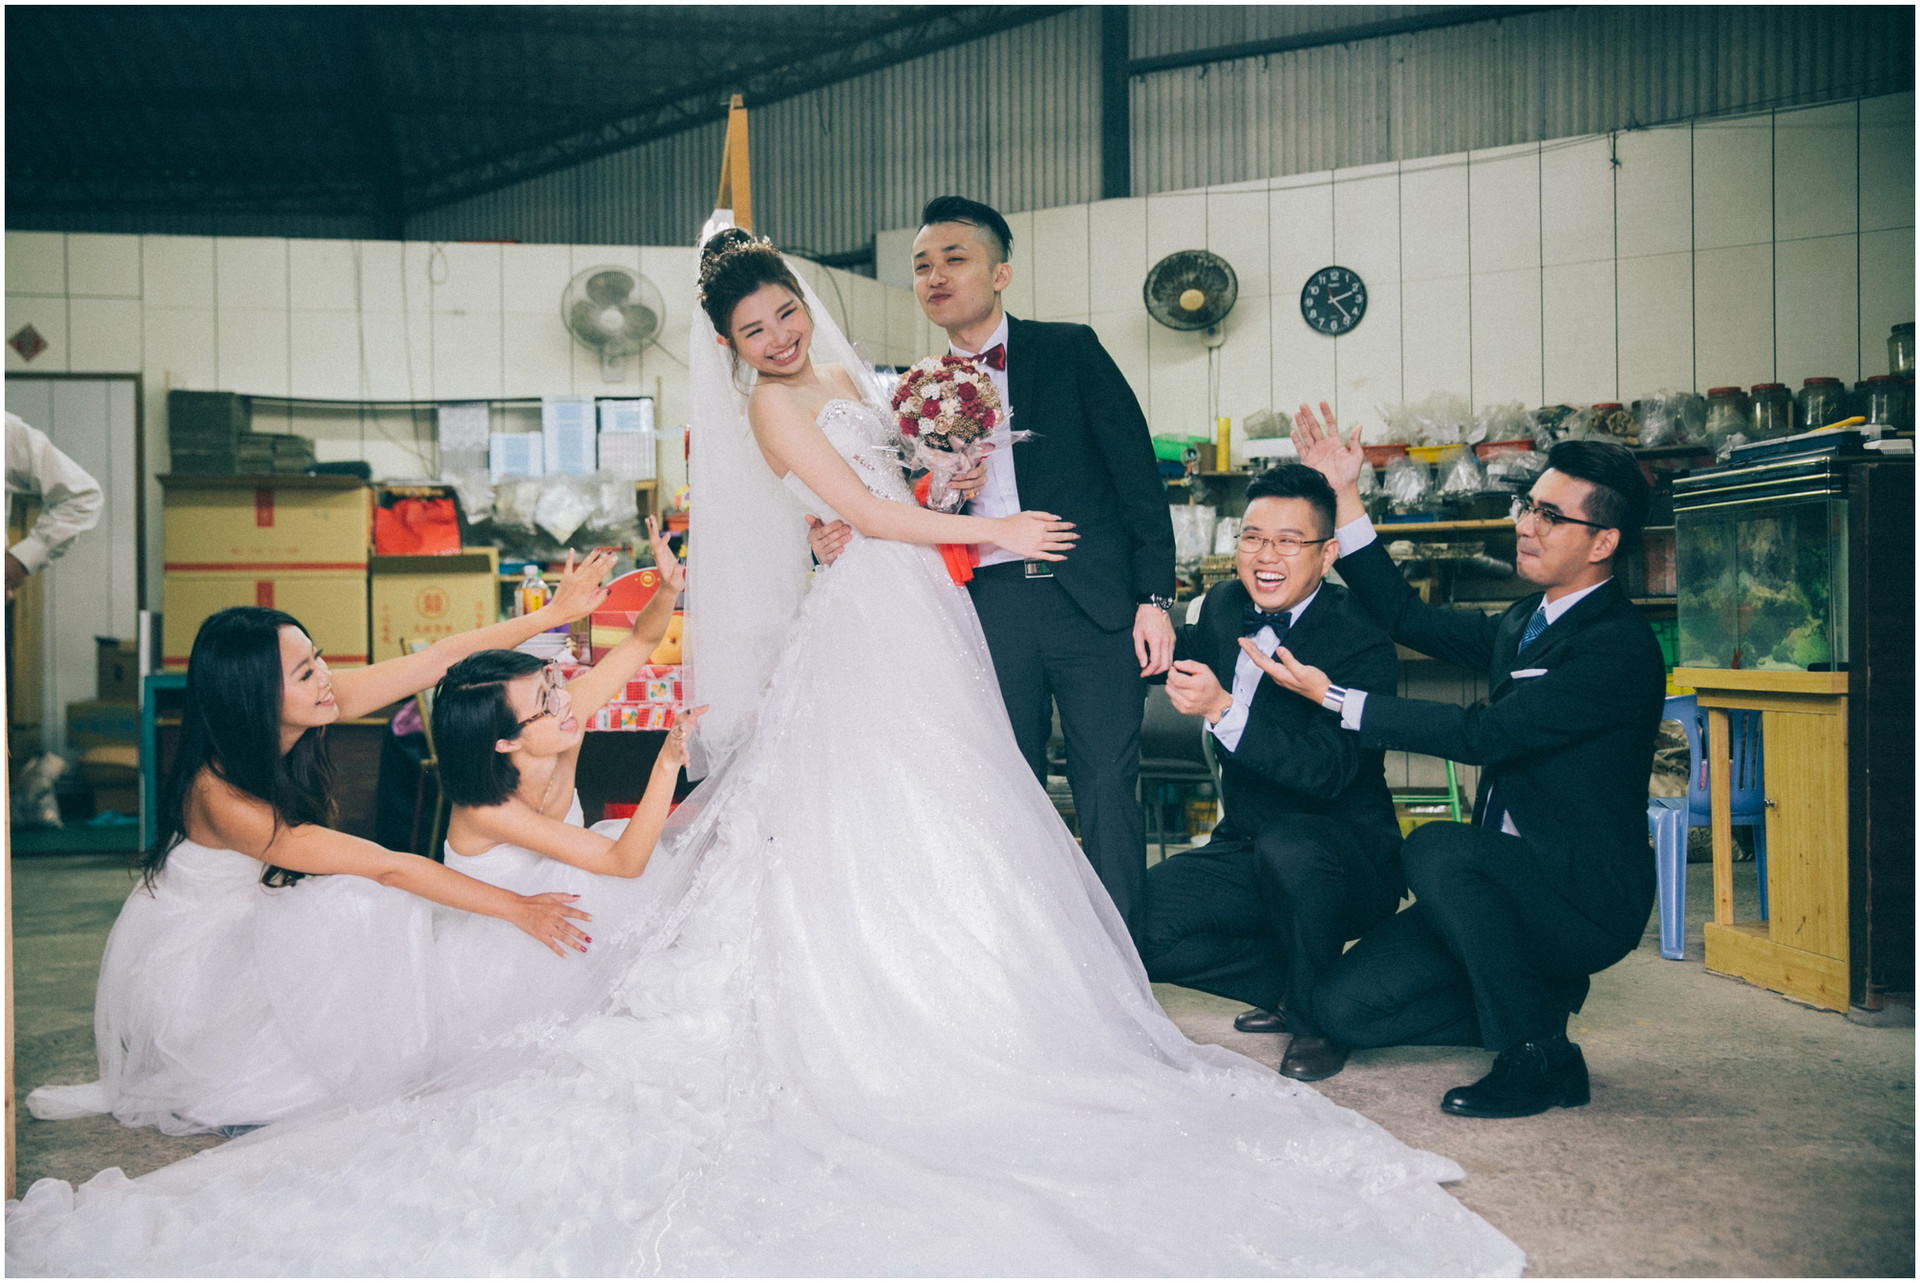 婚禮紀錄 / 平面拍攝 / 類婚紗